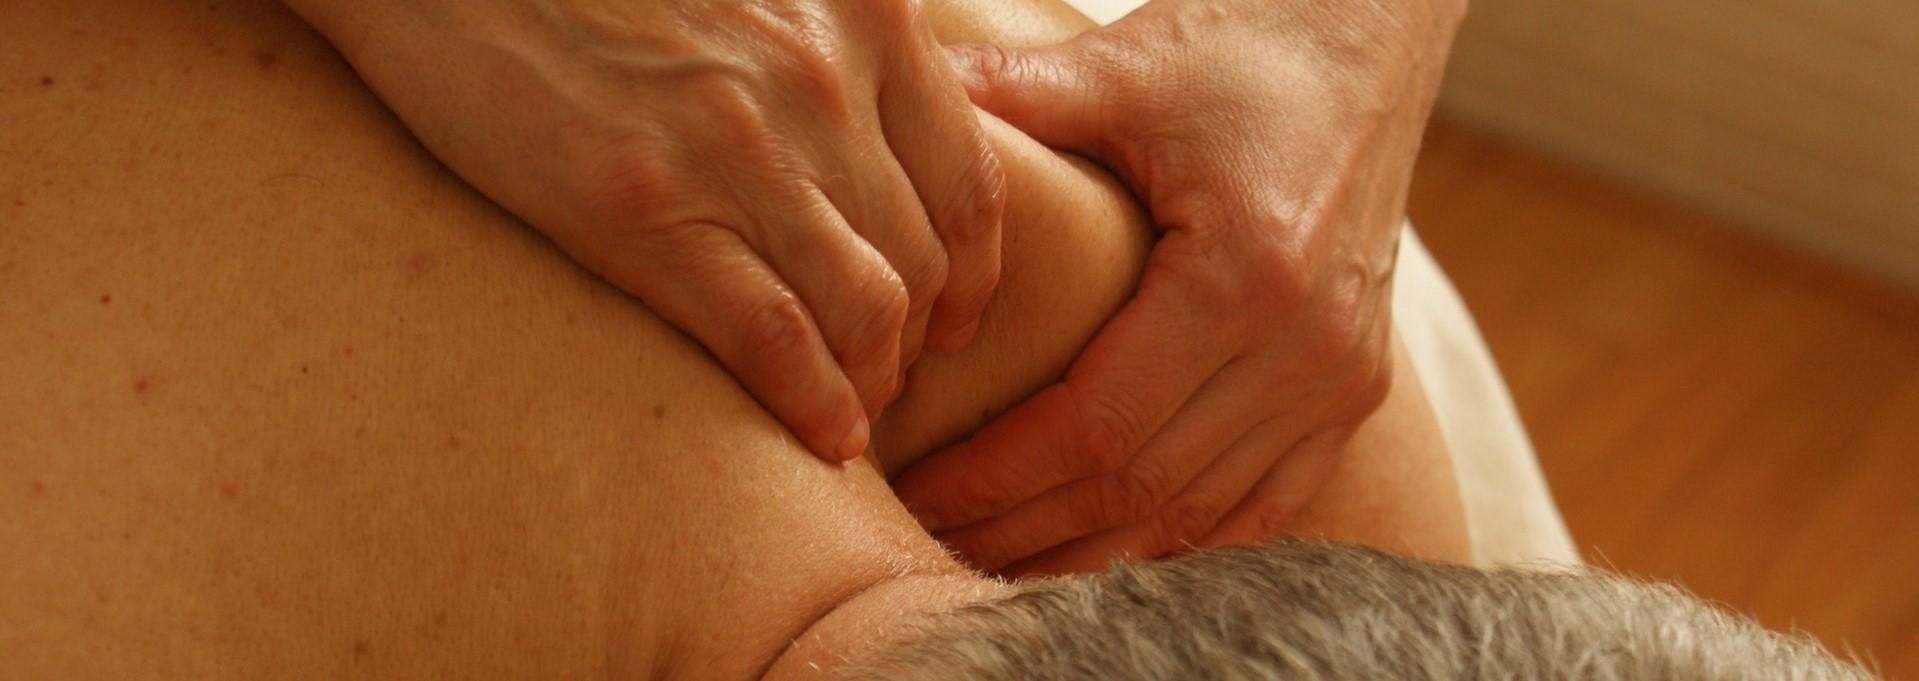 Schoudermassage door Massage Rainbow.